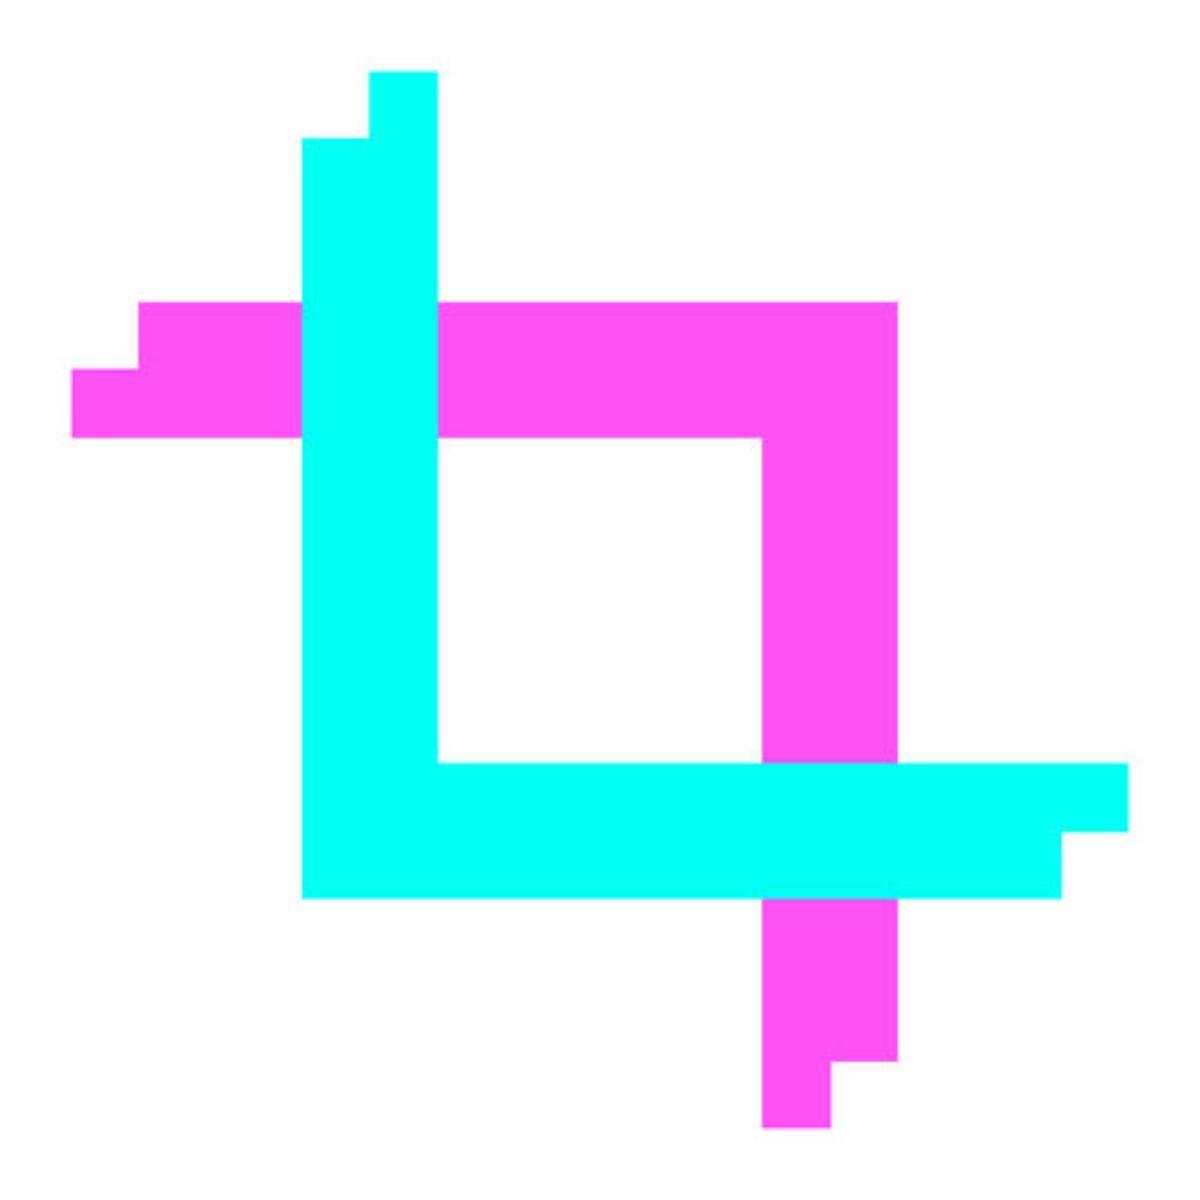 squaregram.jpg